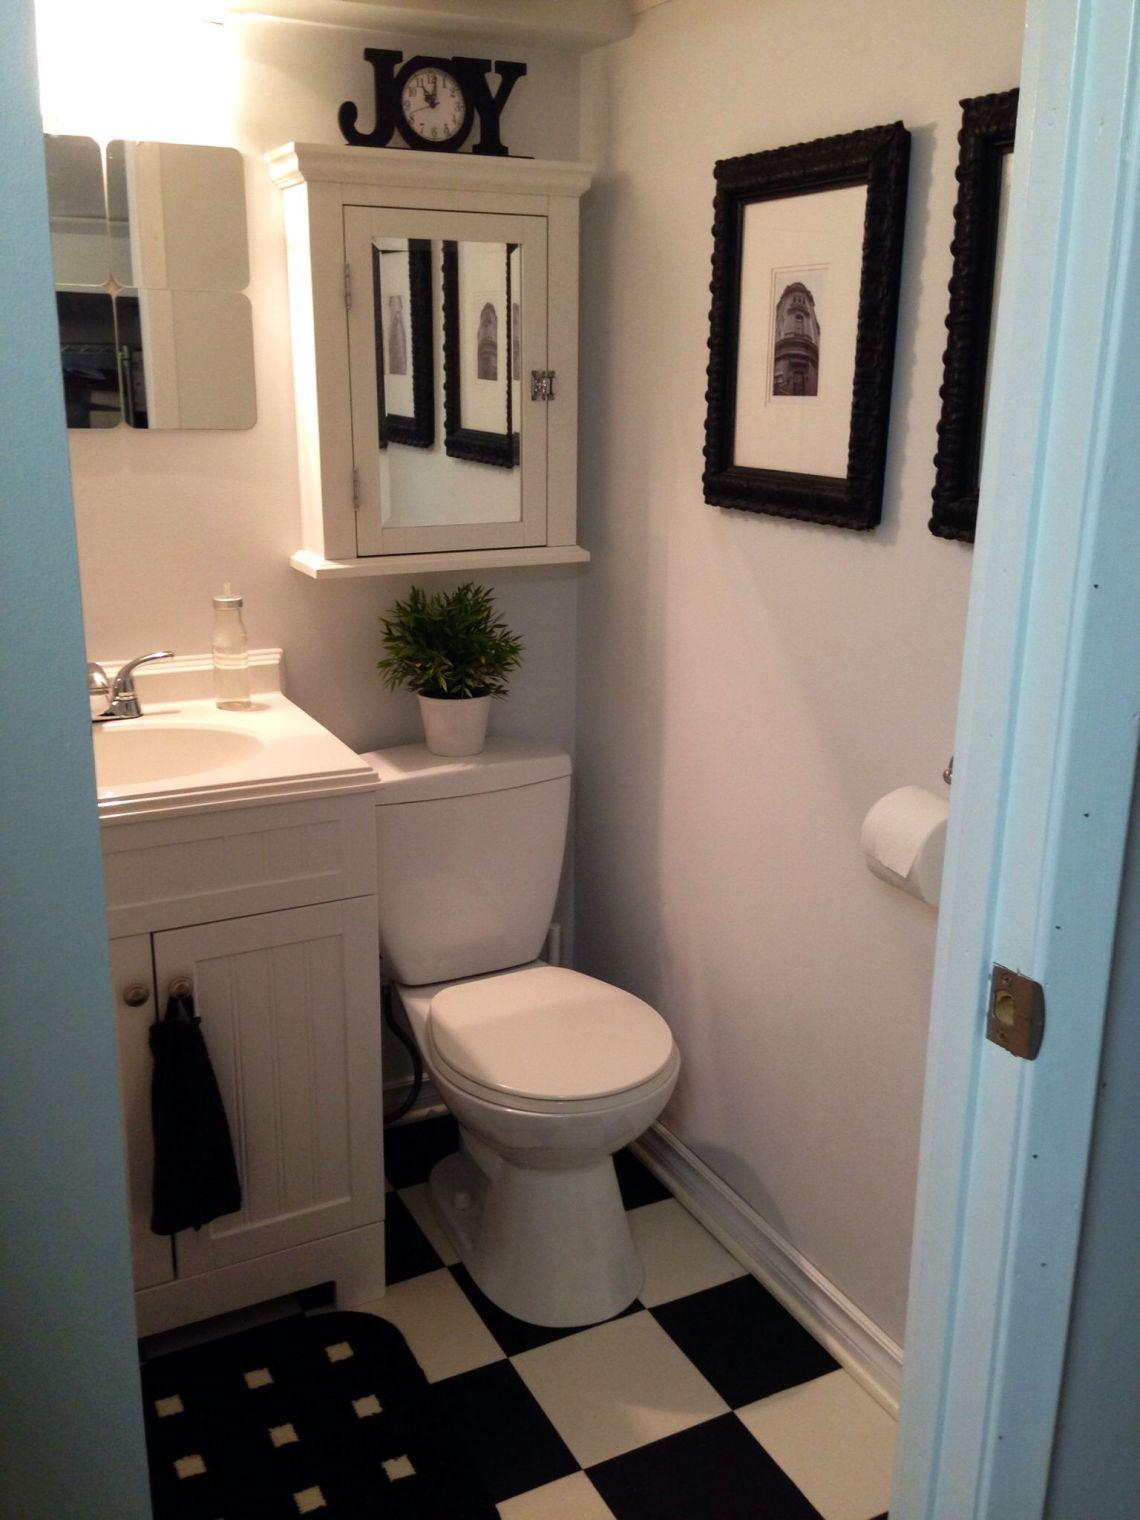 Small bathroom decor ideas   Home   Pinterest